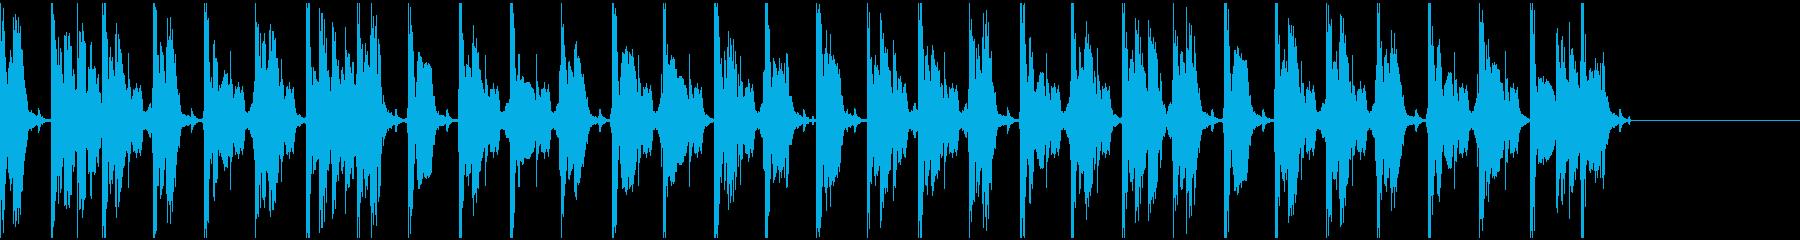 【エレクトロニカ】ロング5、ショート5の再生済みの波形